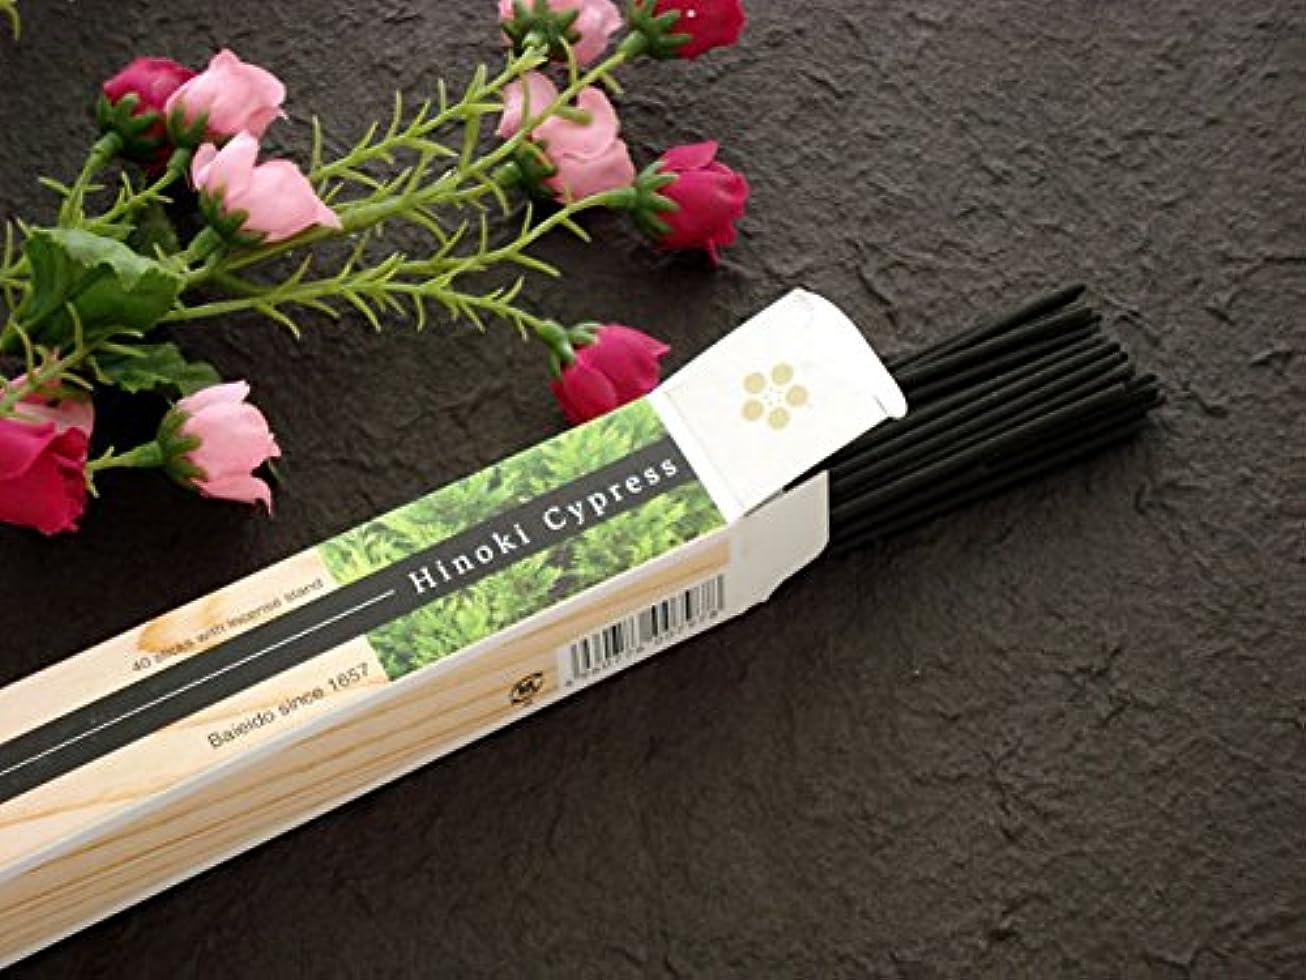 自分の力ですべてをする昆虫牛梅栄堂のお香 Hinoki Cypress (檜)